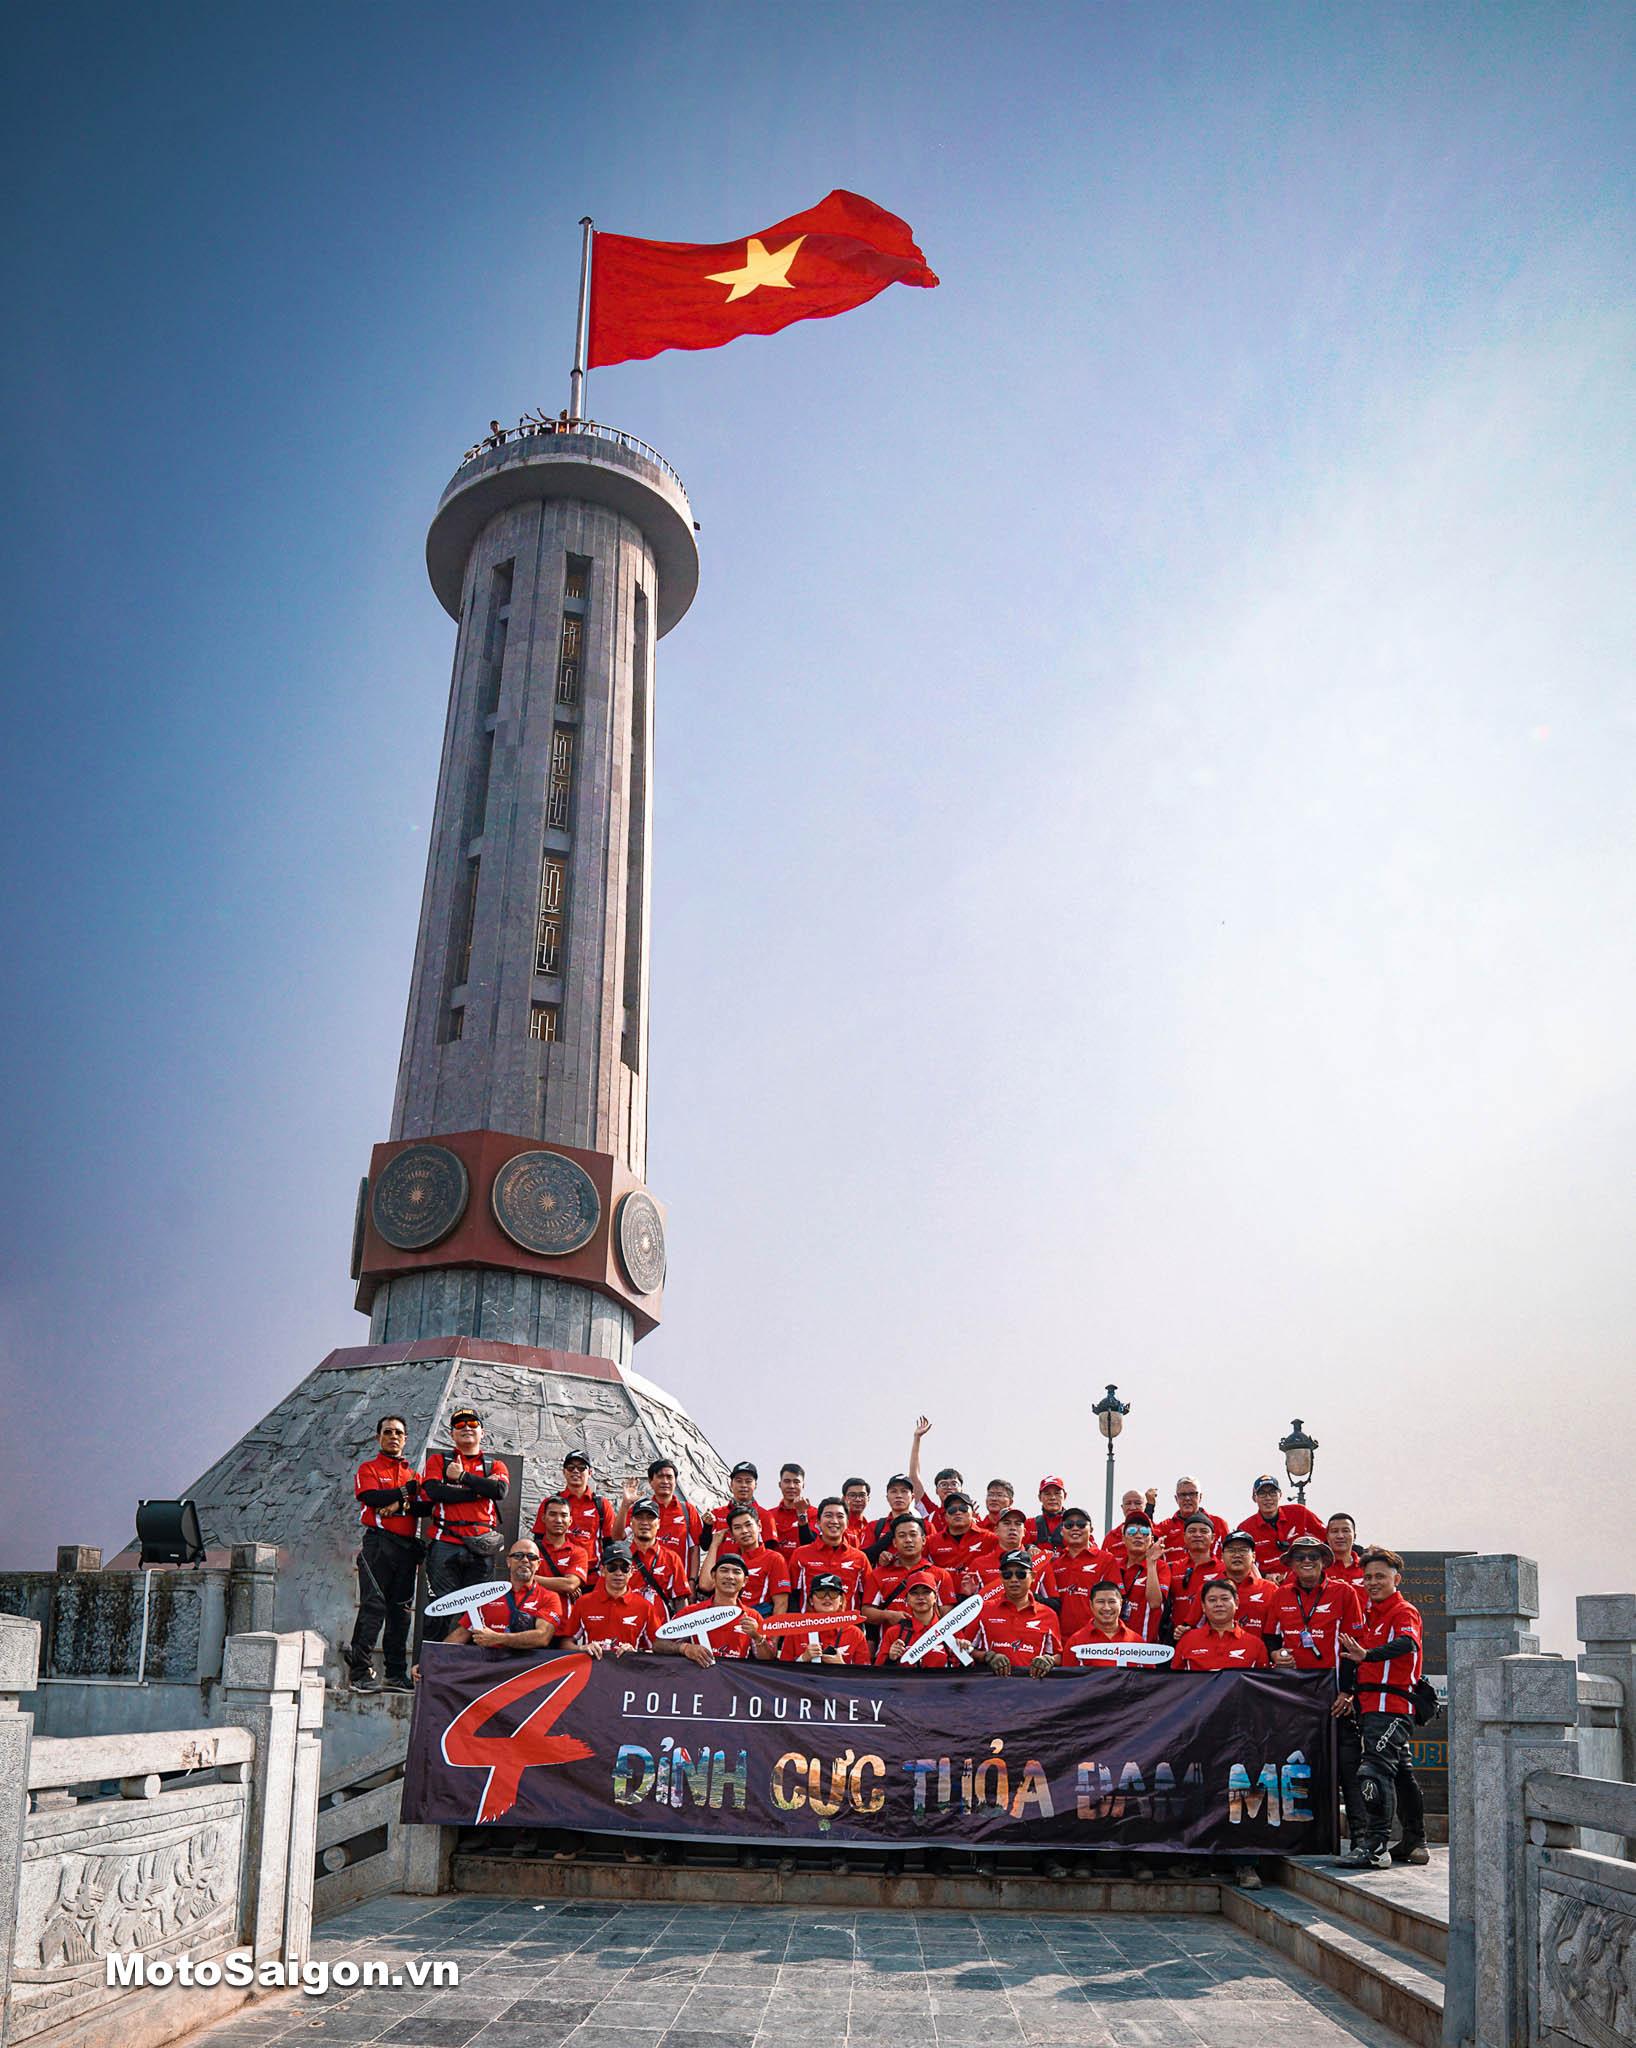 HVN tiếp tục tổ chức chuỗi sự kiện Chinh phục đất trời